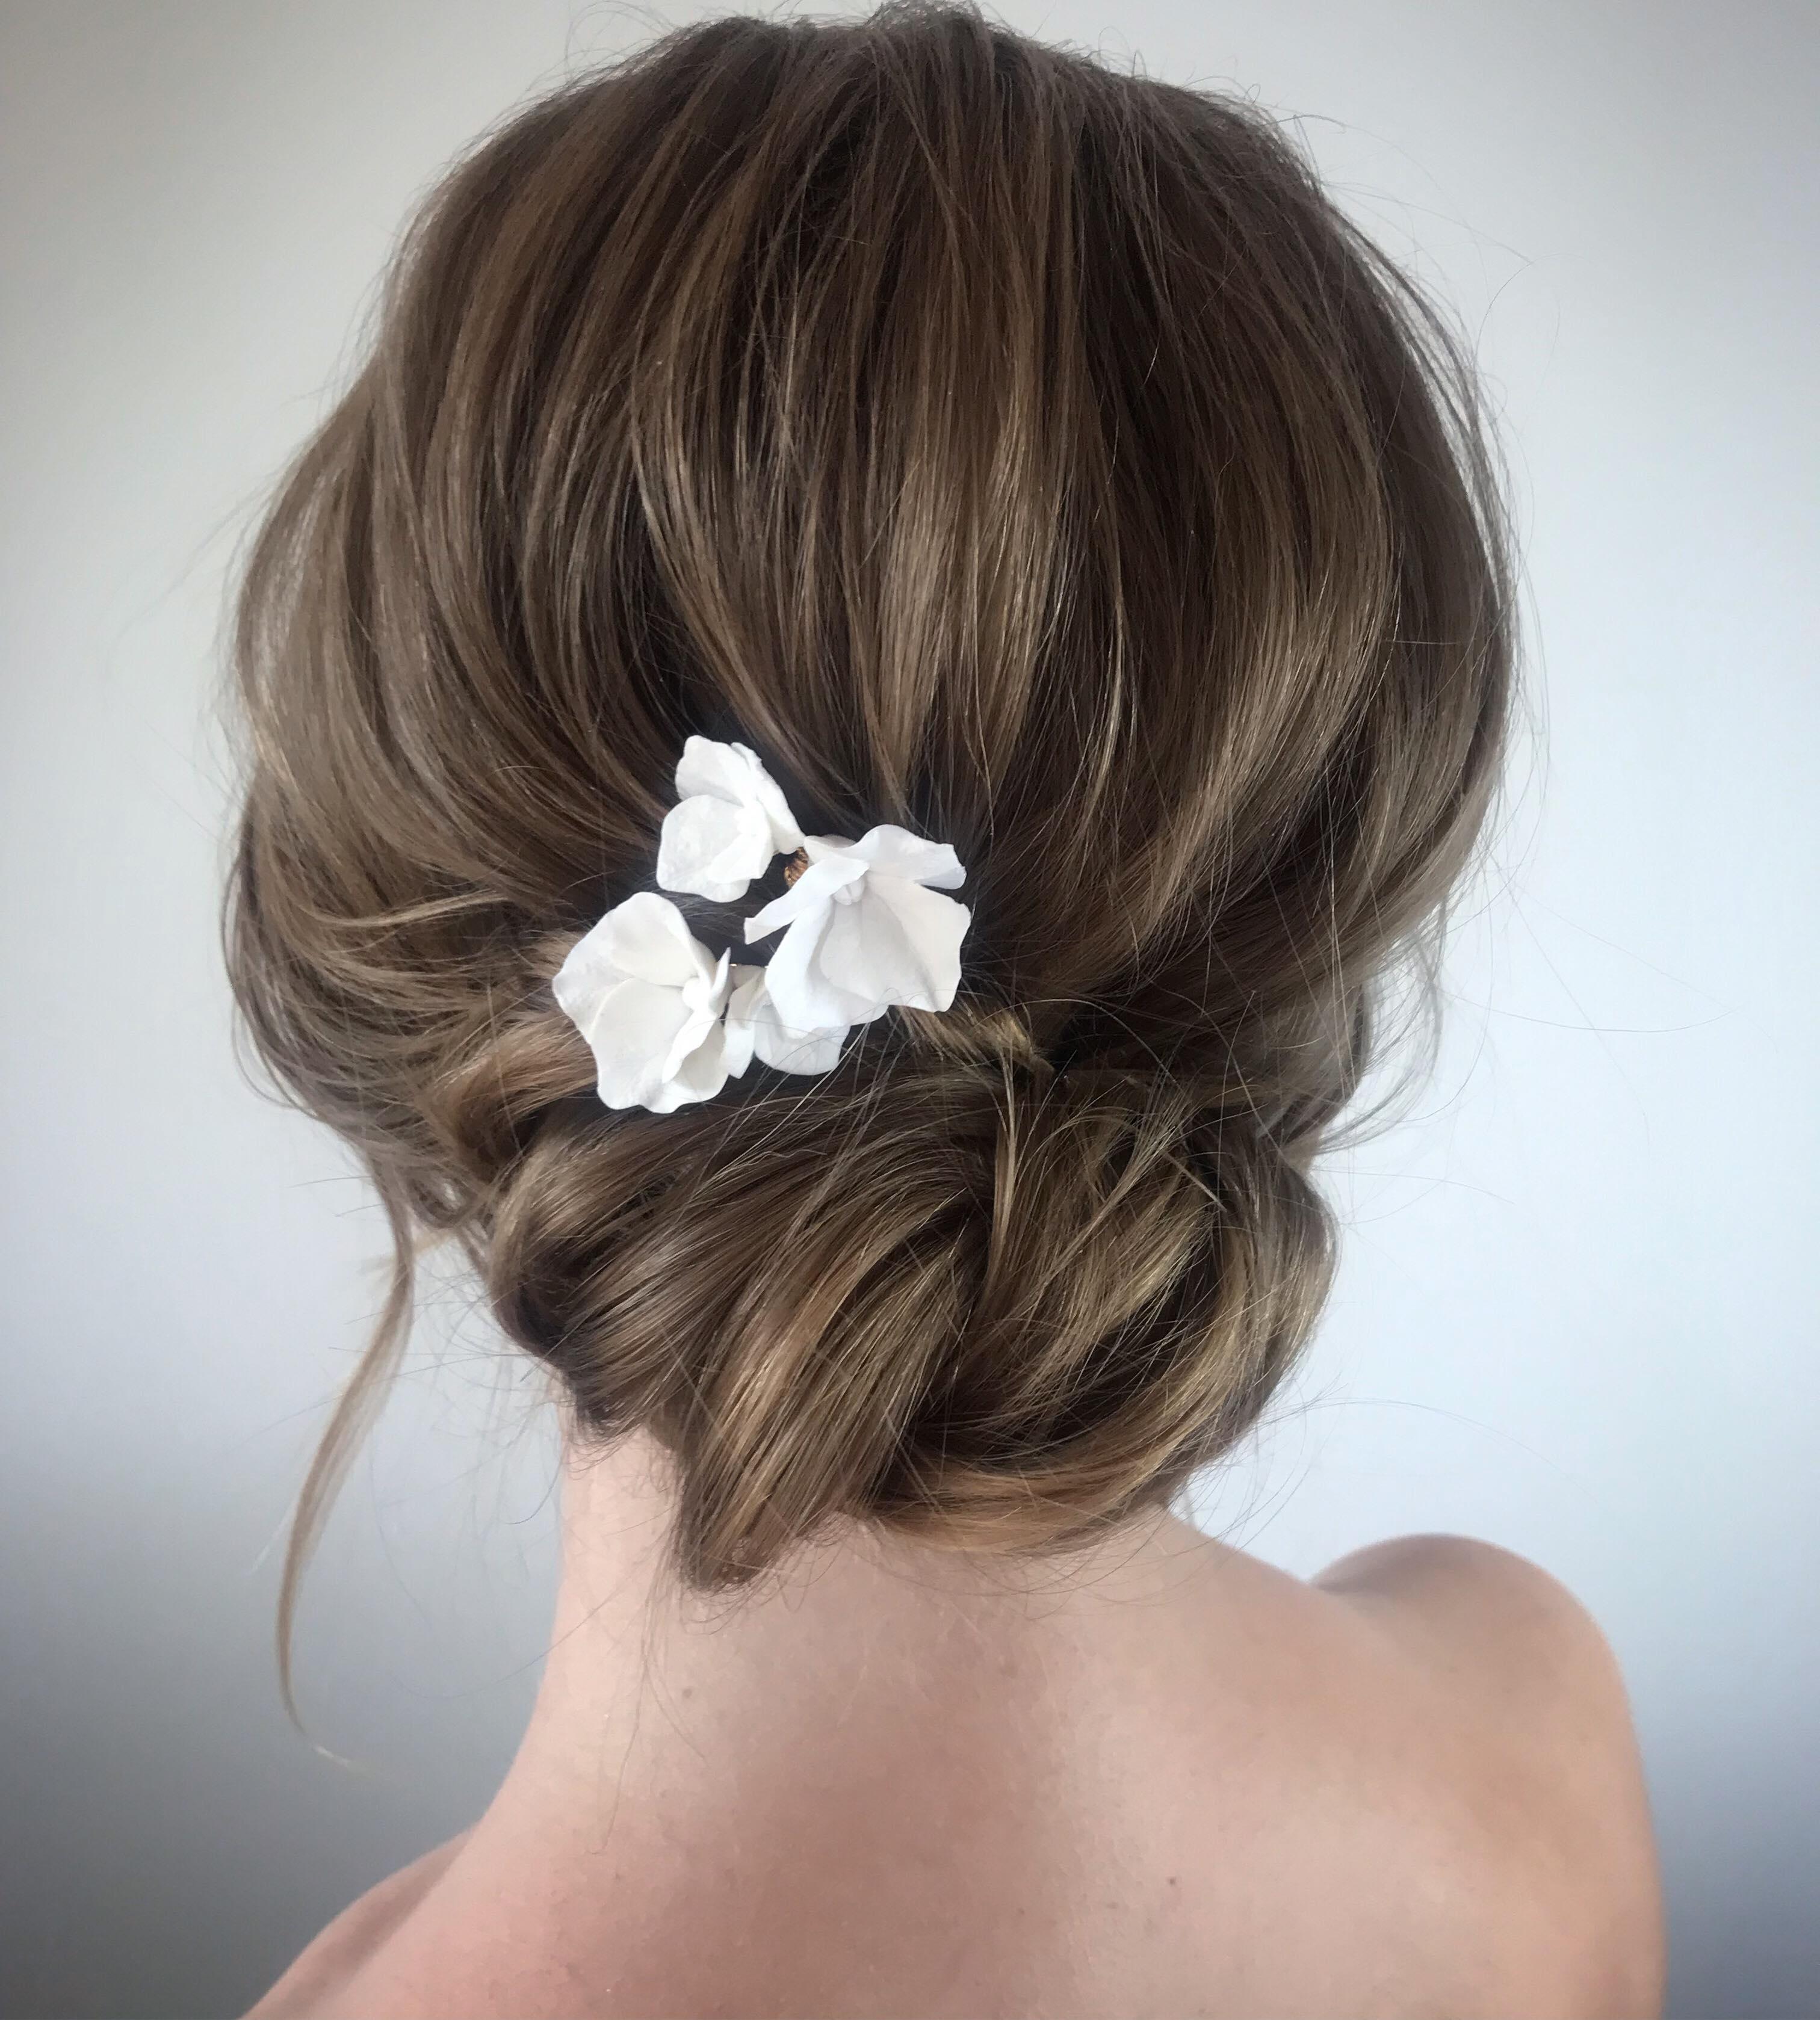 Beautiful-bridal-up-do-hair-bun-with-romantic-white-hair-pins-london